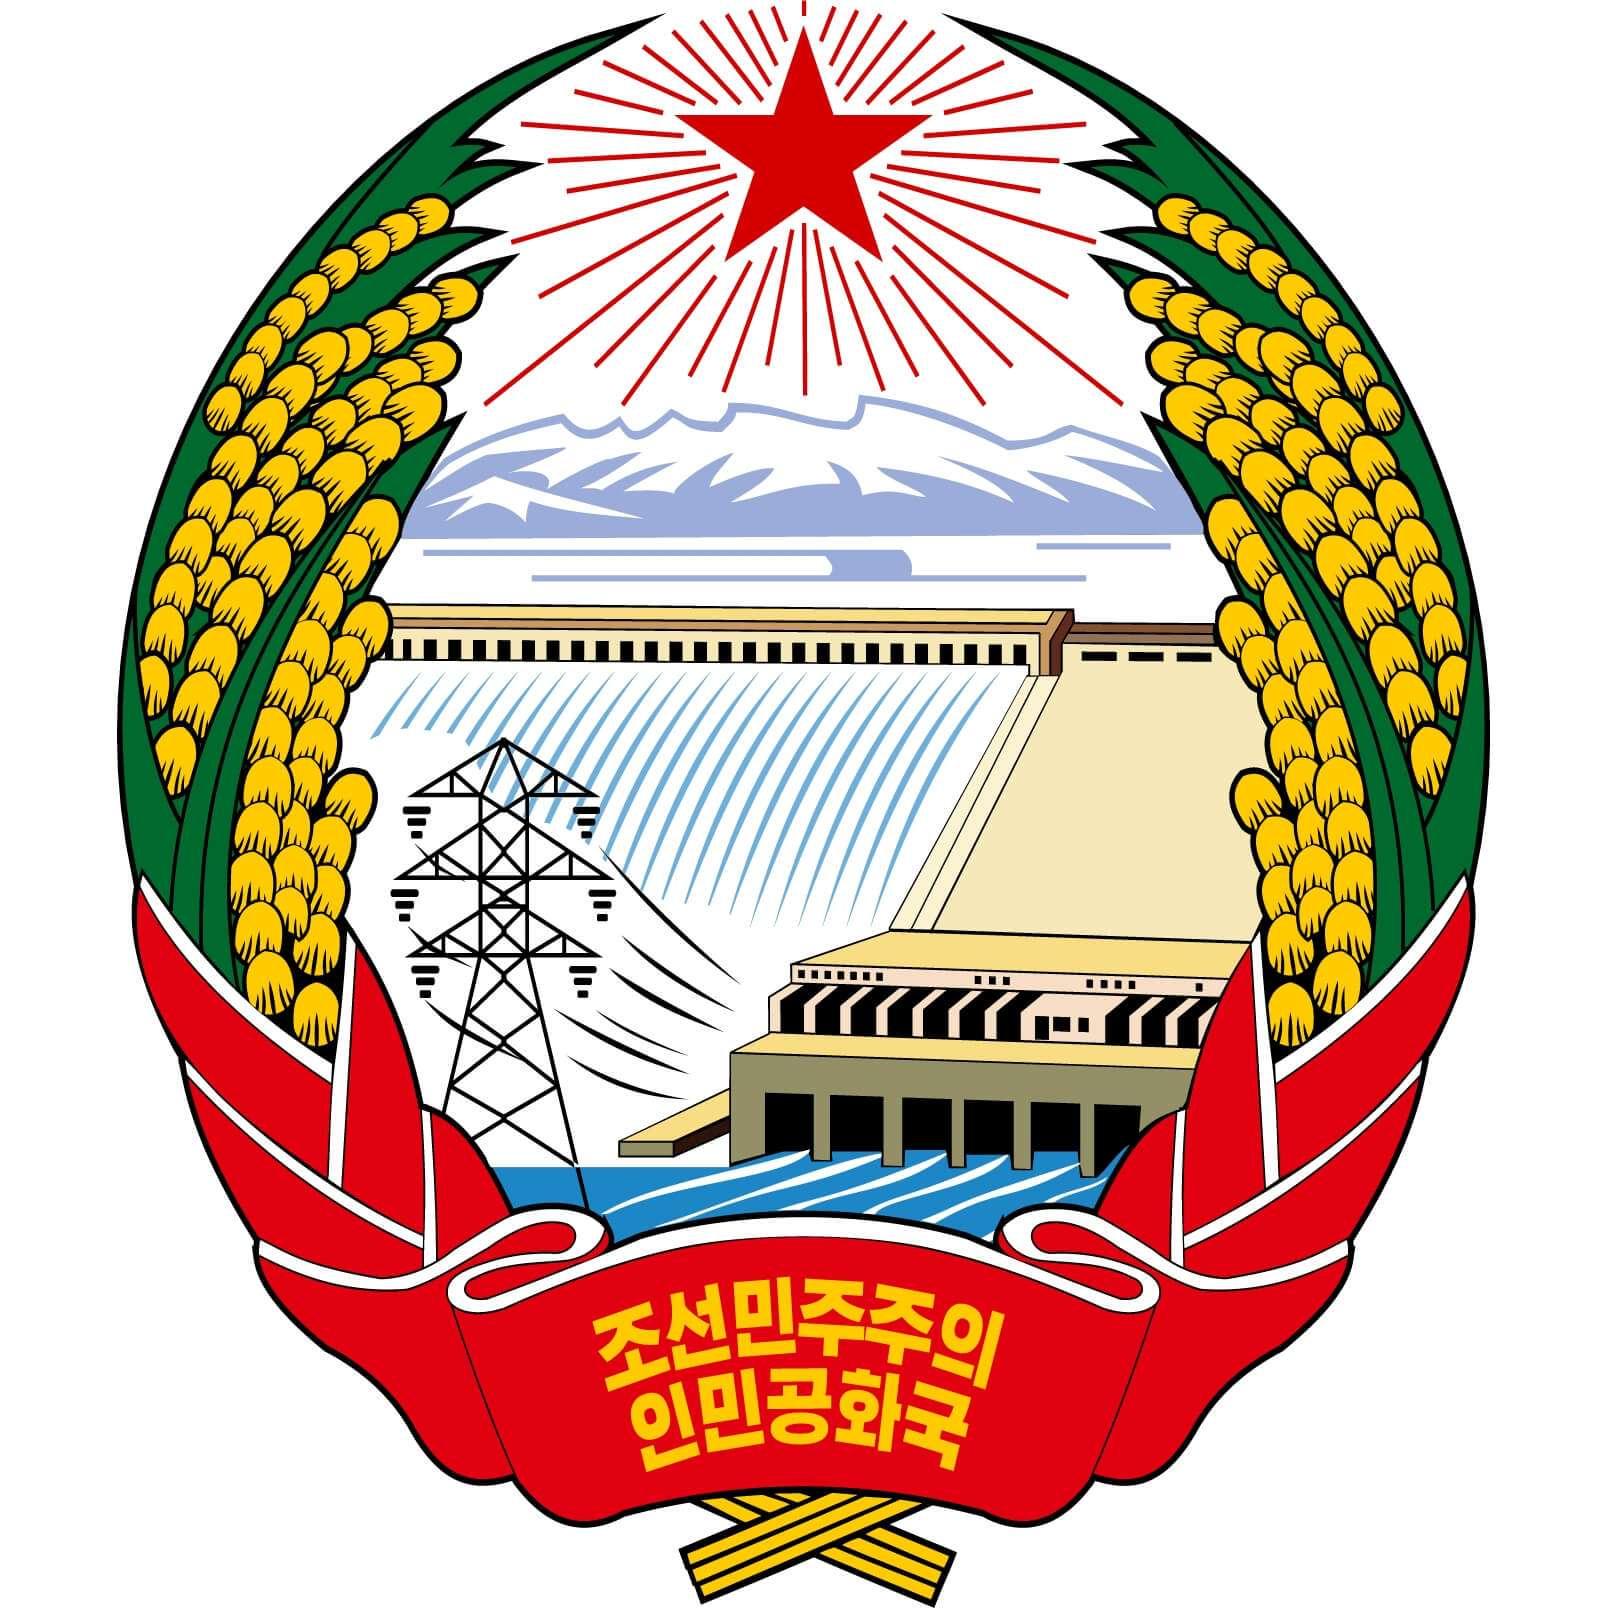 North-Korea-Emblem